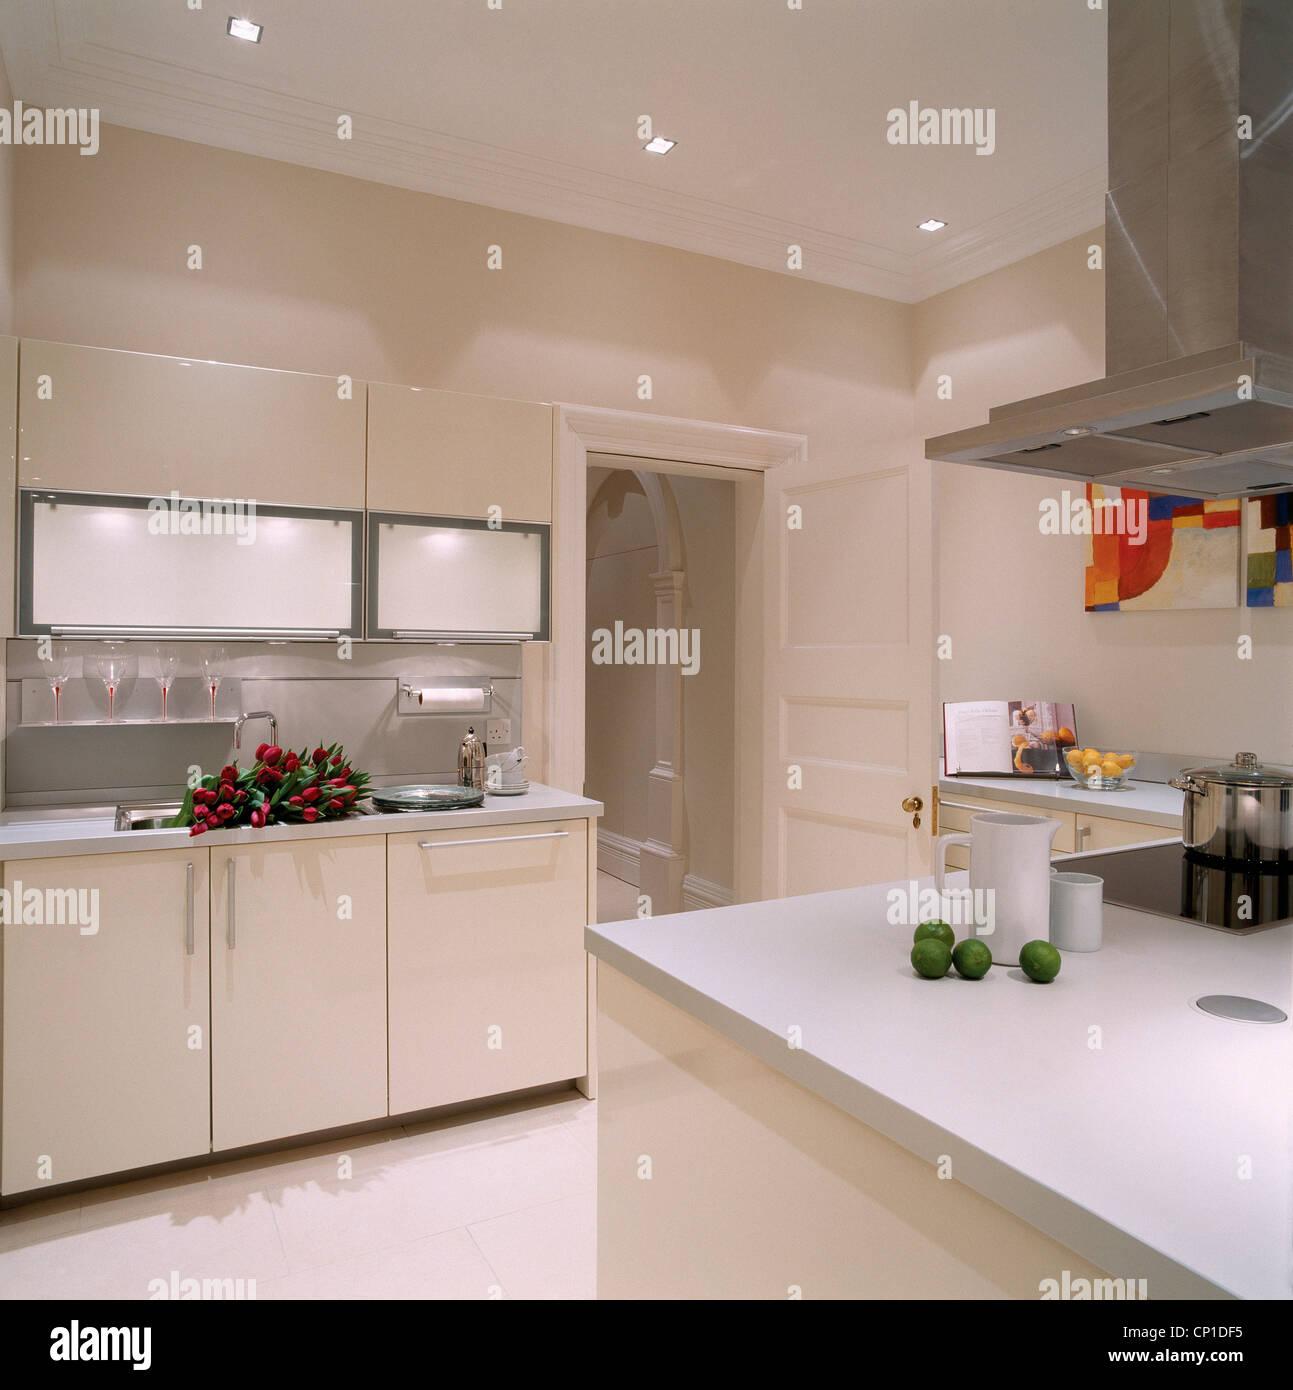 Eine Moderne Weiße Küche Mit Einer Kochinsel, Edelstahl Dunstabzugshaube  über Eine Insel Einheit Mit Einem Elektrischen Herd.